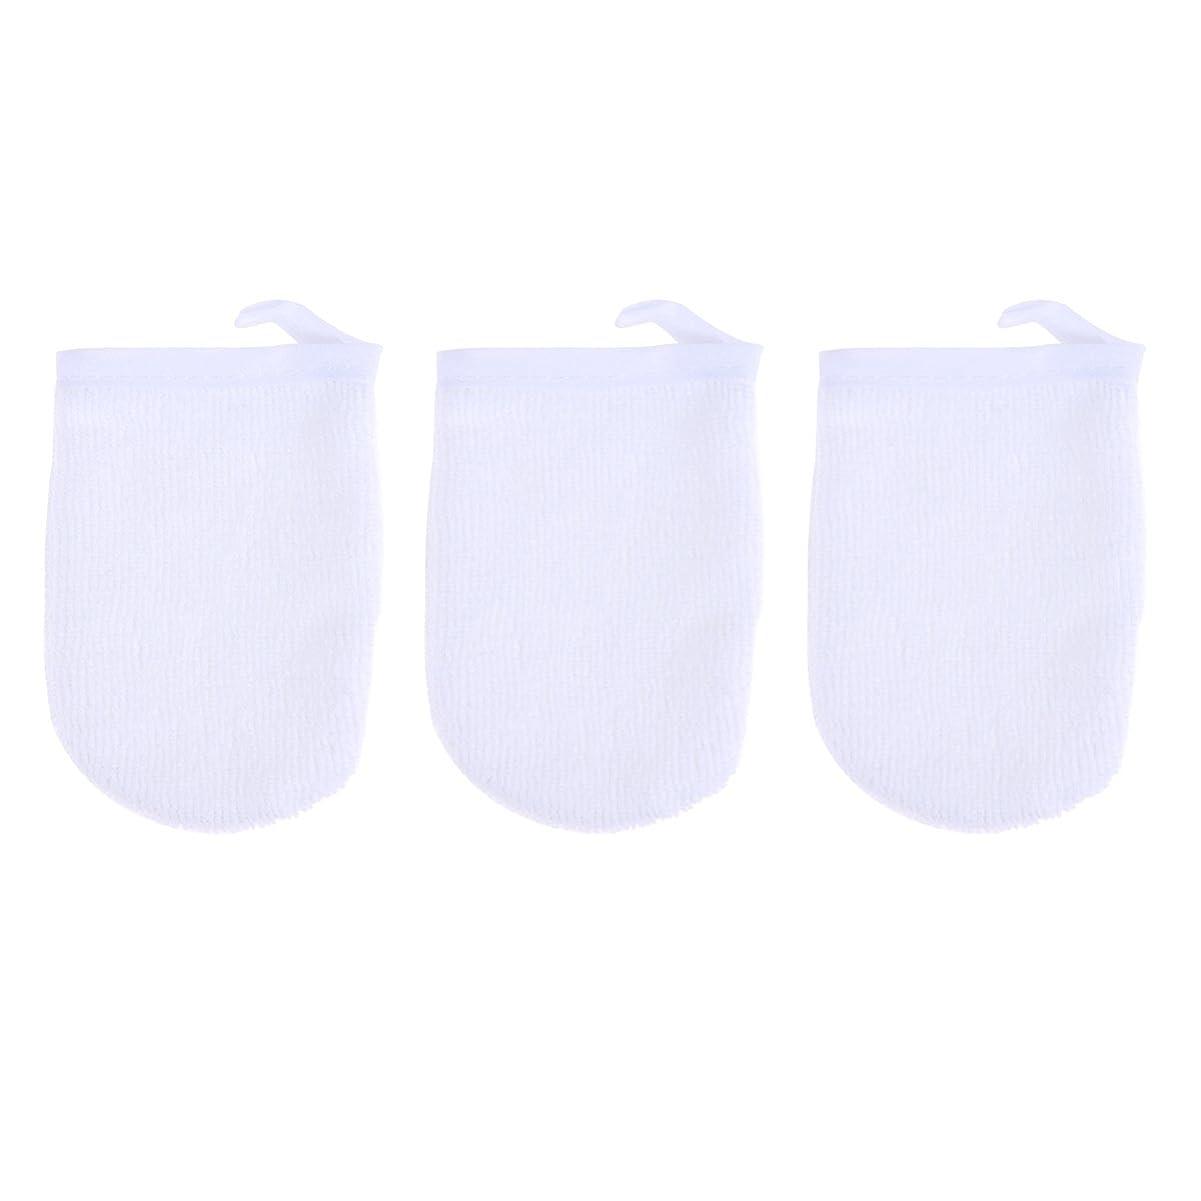 一回女王認識BESTONZON 3ピースマイクロファイバー洗顔手袋フェイスクレンジングタオルクロススパミットソフト洗濯道具